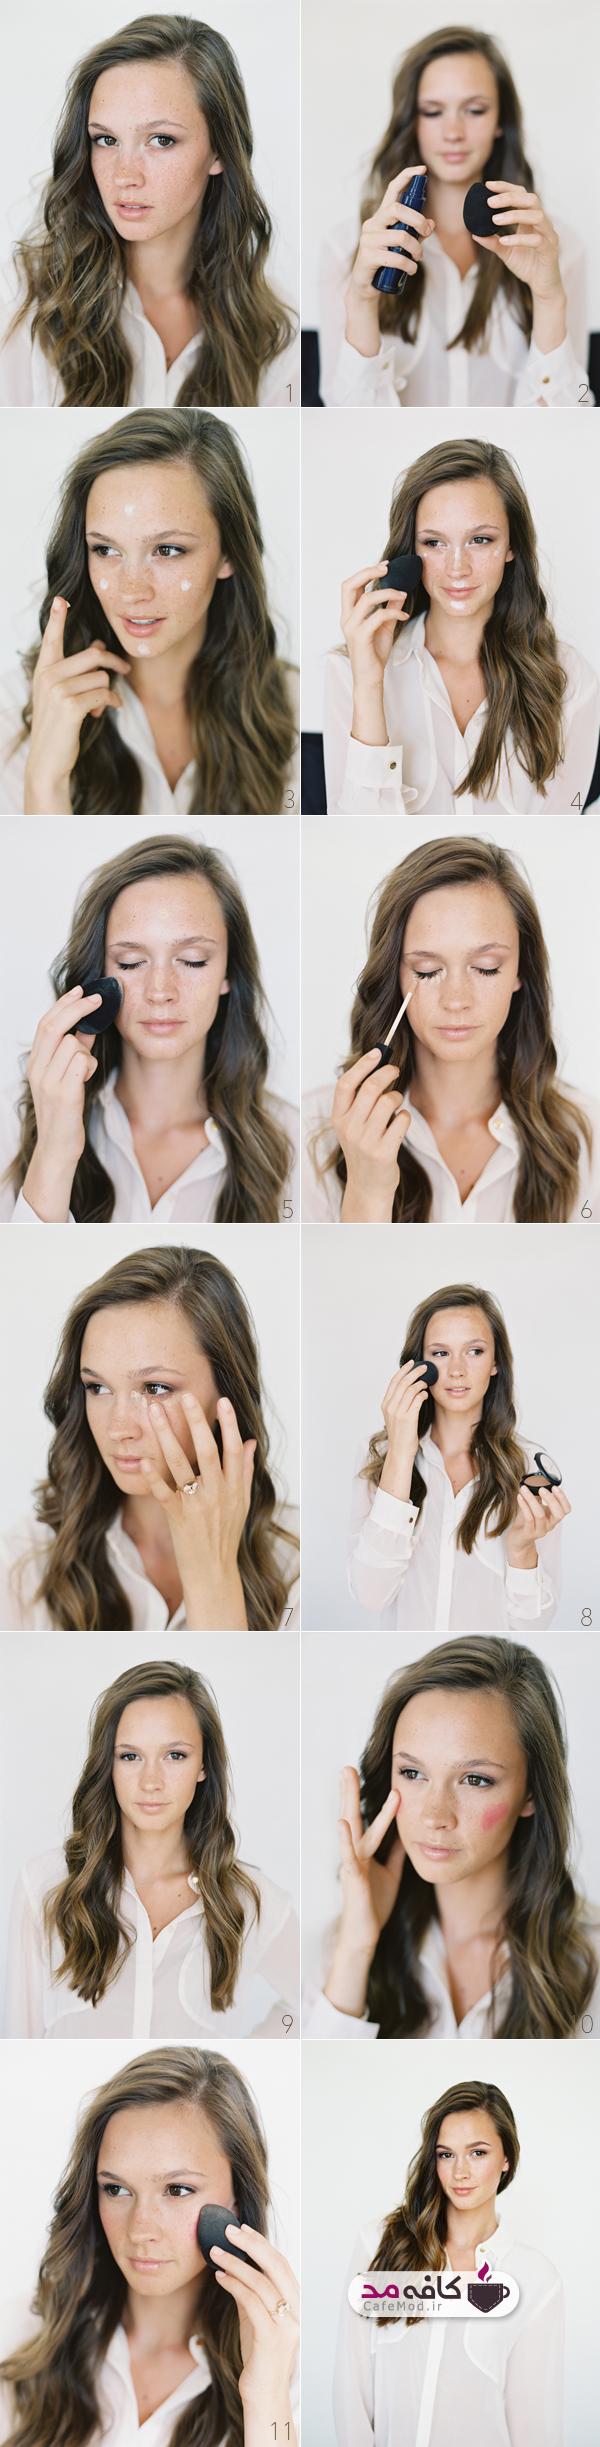 آموزش آرایش ملایم صورت با رژگونه